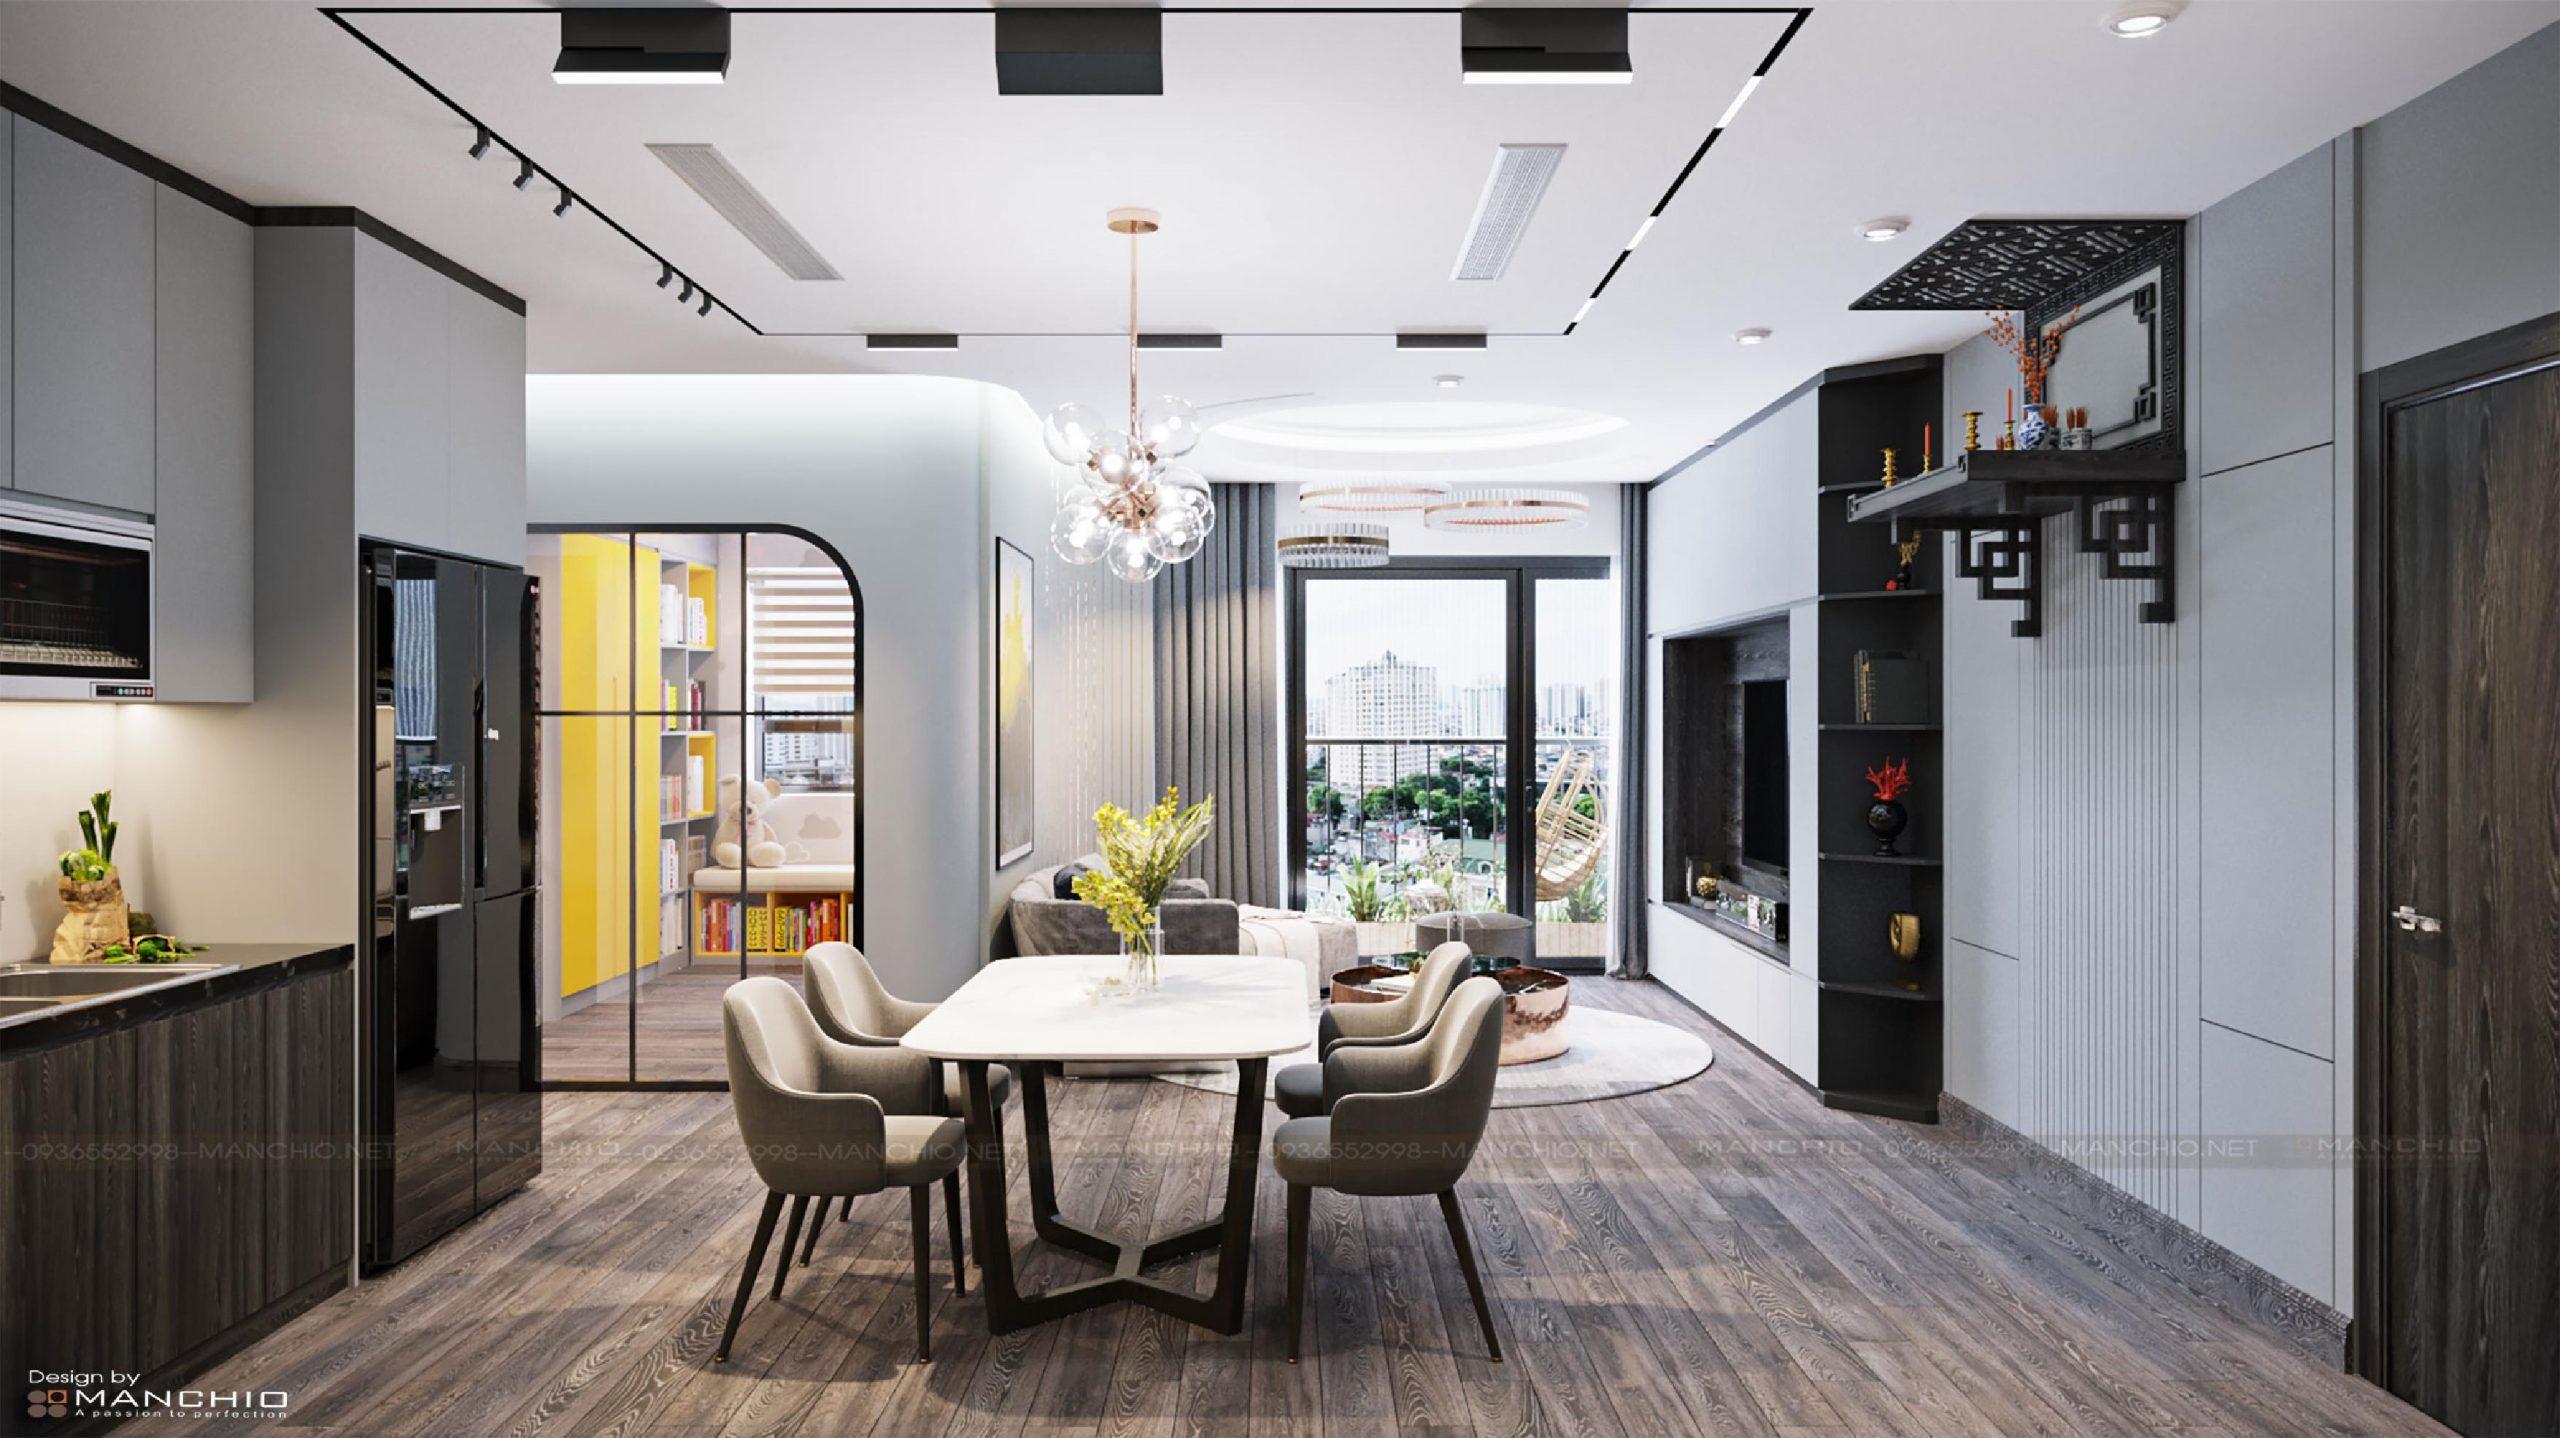 Thiết kế nội thất căn hộ cao cấp phong cách hiện đại